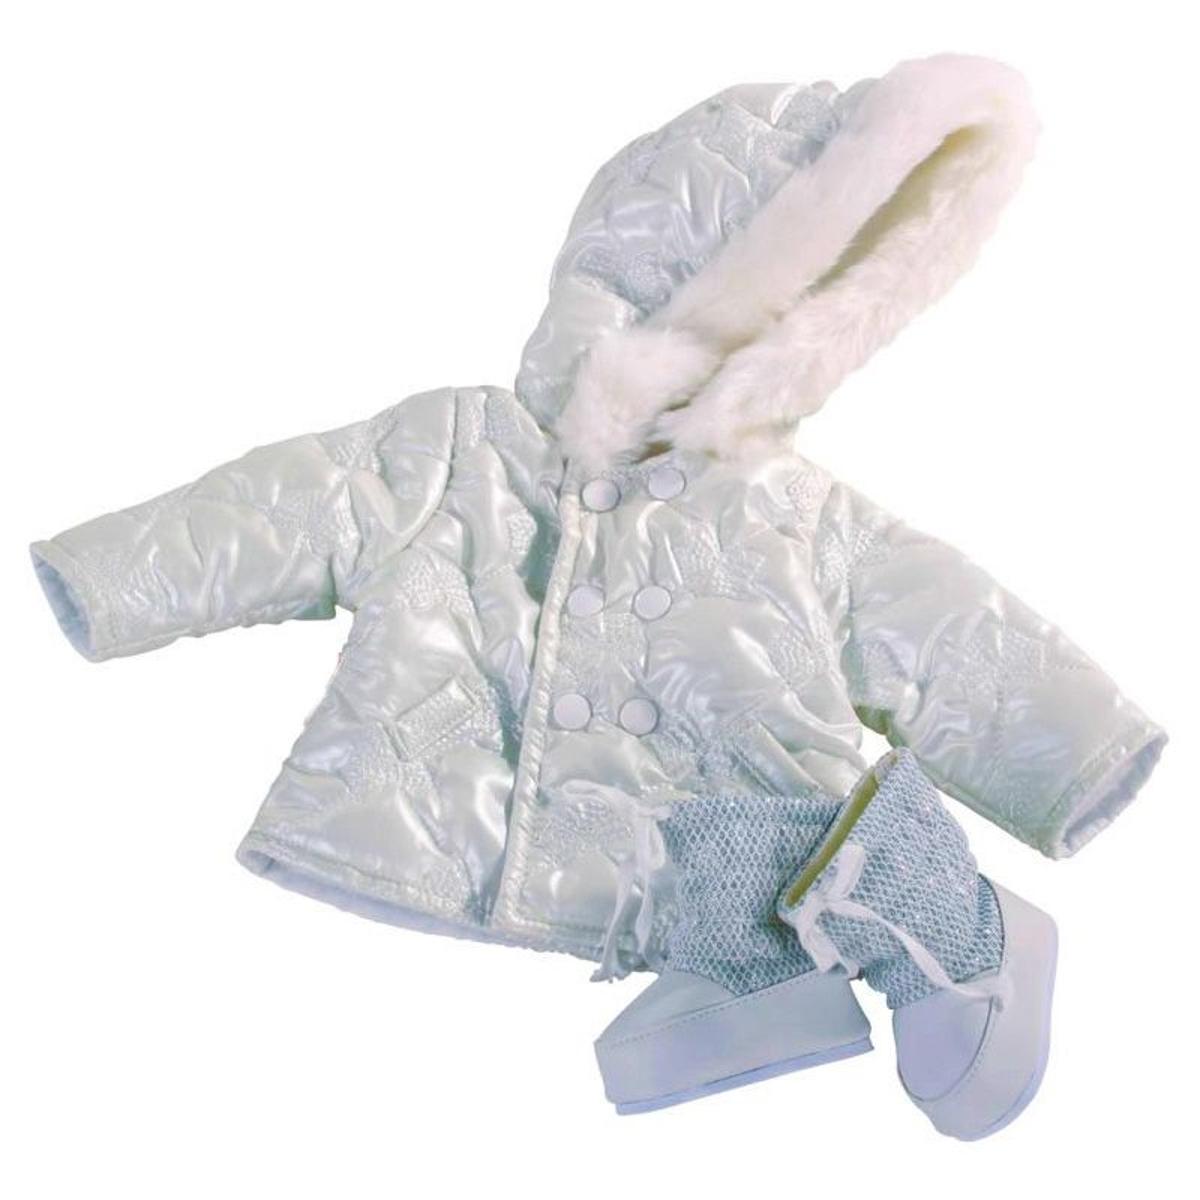 Vêtements pour poupée de 45 à 50 cm : Manteau et bottes